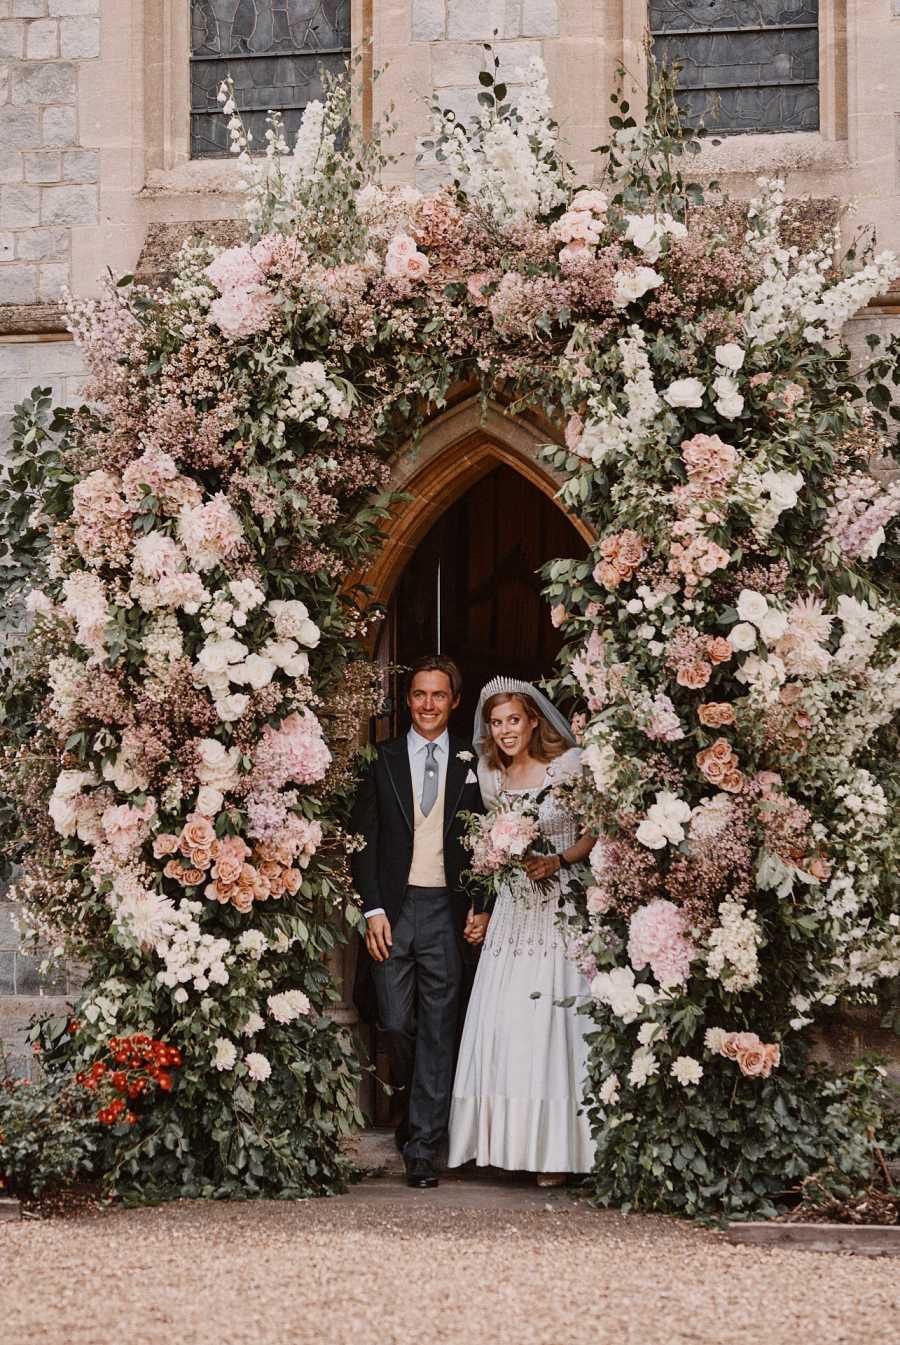 Edoardo Mapelli y la Princesa Beatriz de York salen de la Capilla de Windsor como marido y mujer tras su boda secreta